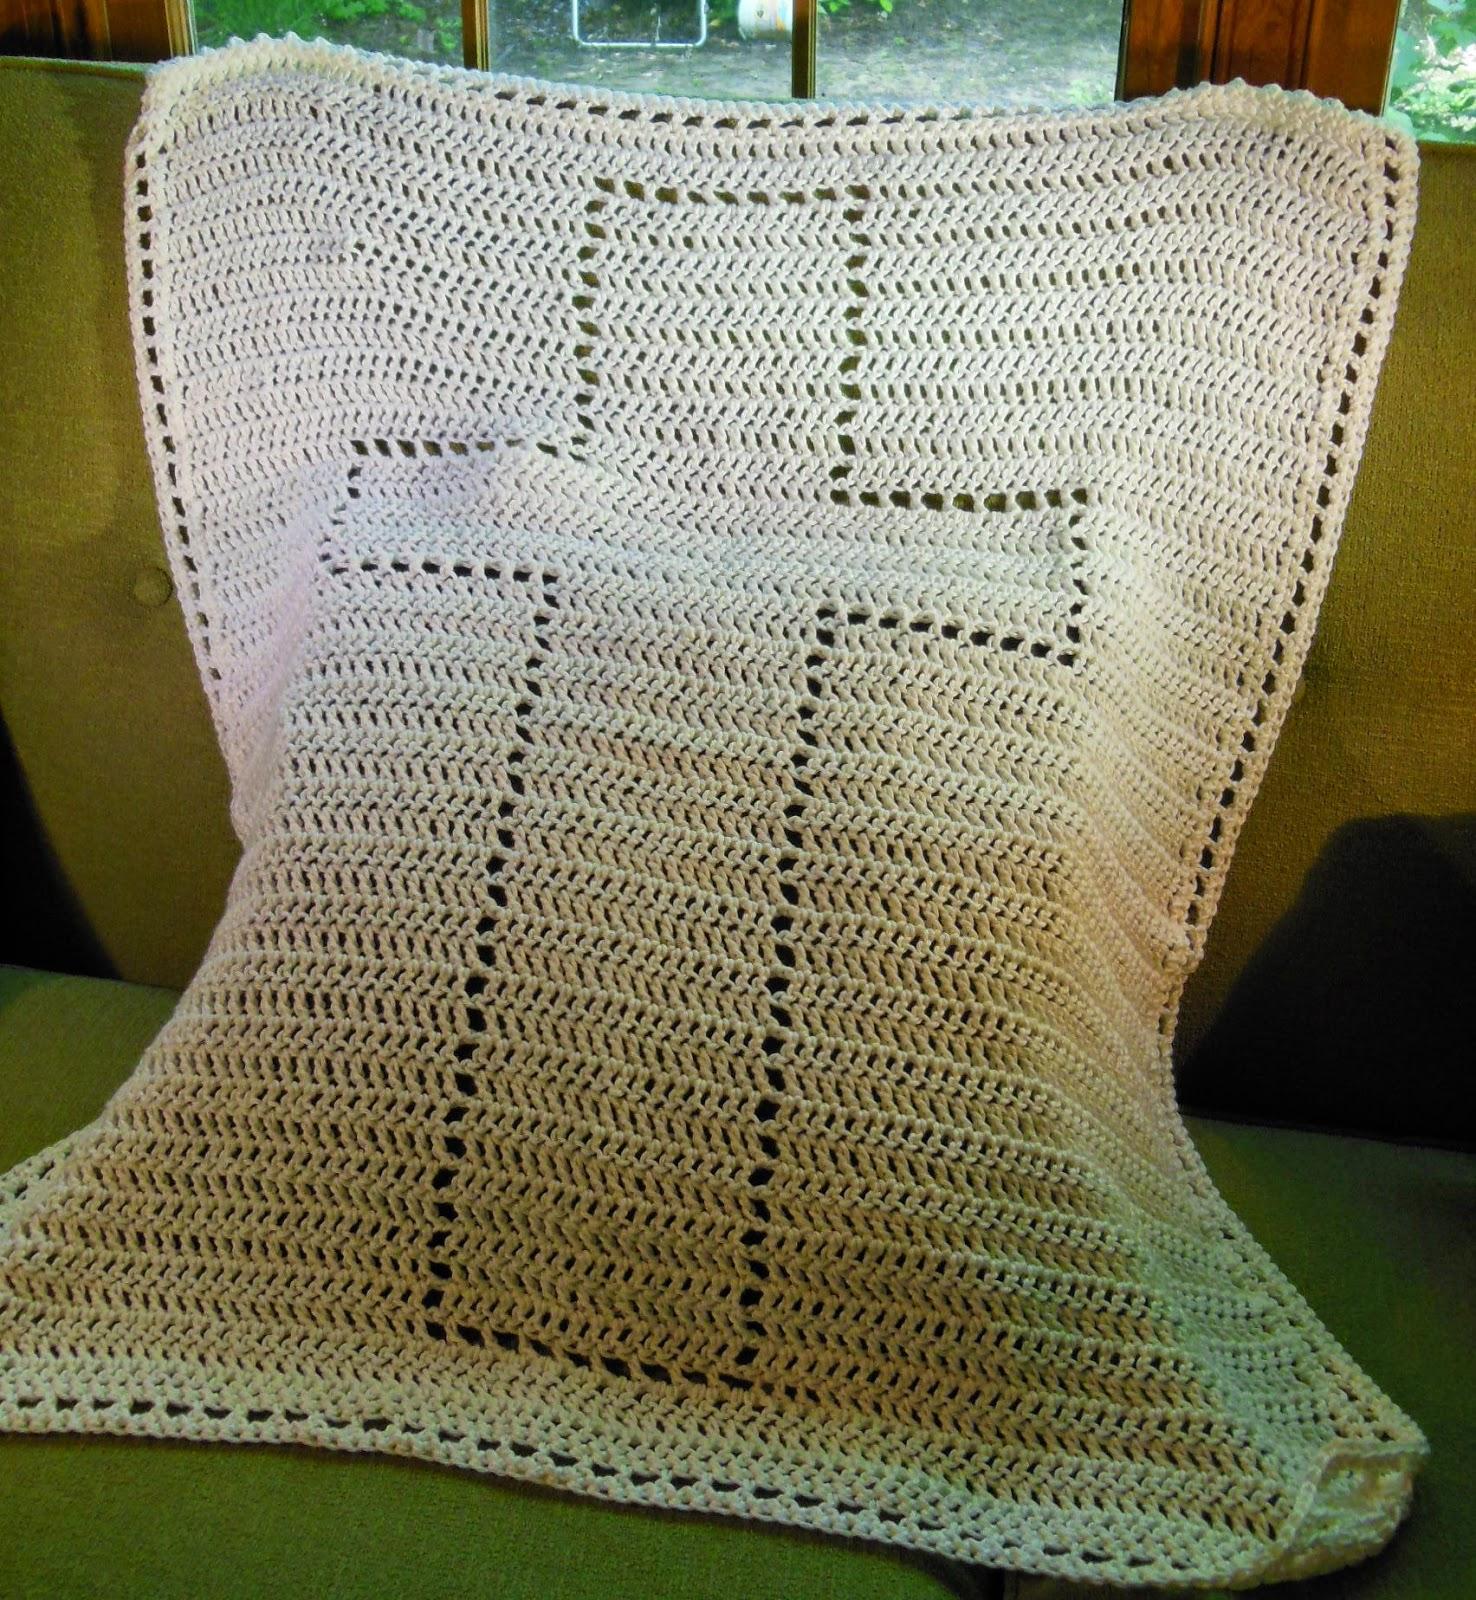 Crochet Pattern For Christening Blanket : Hamburke: Baptism Blanket - free crochet pattern